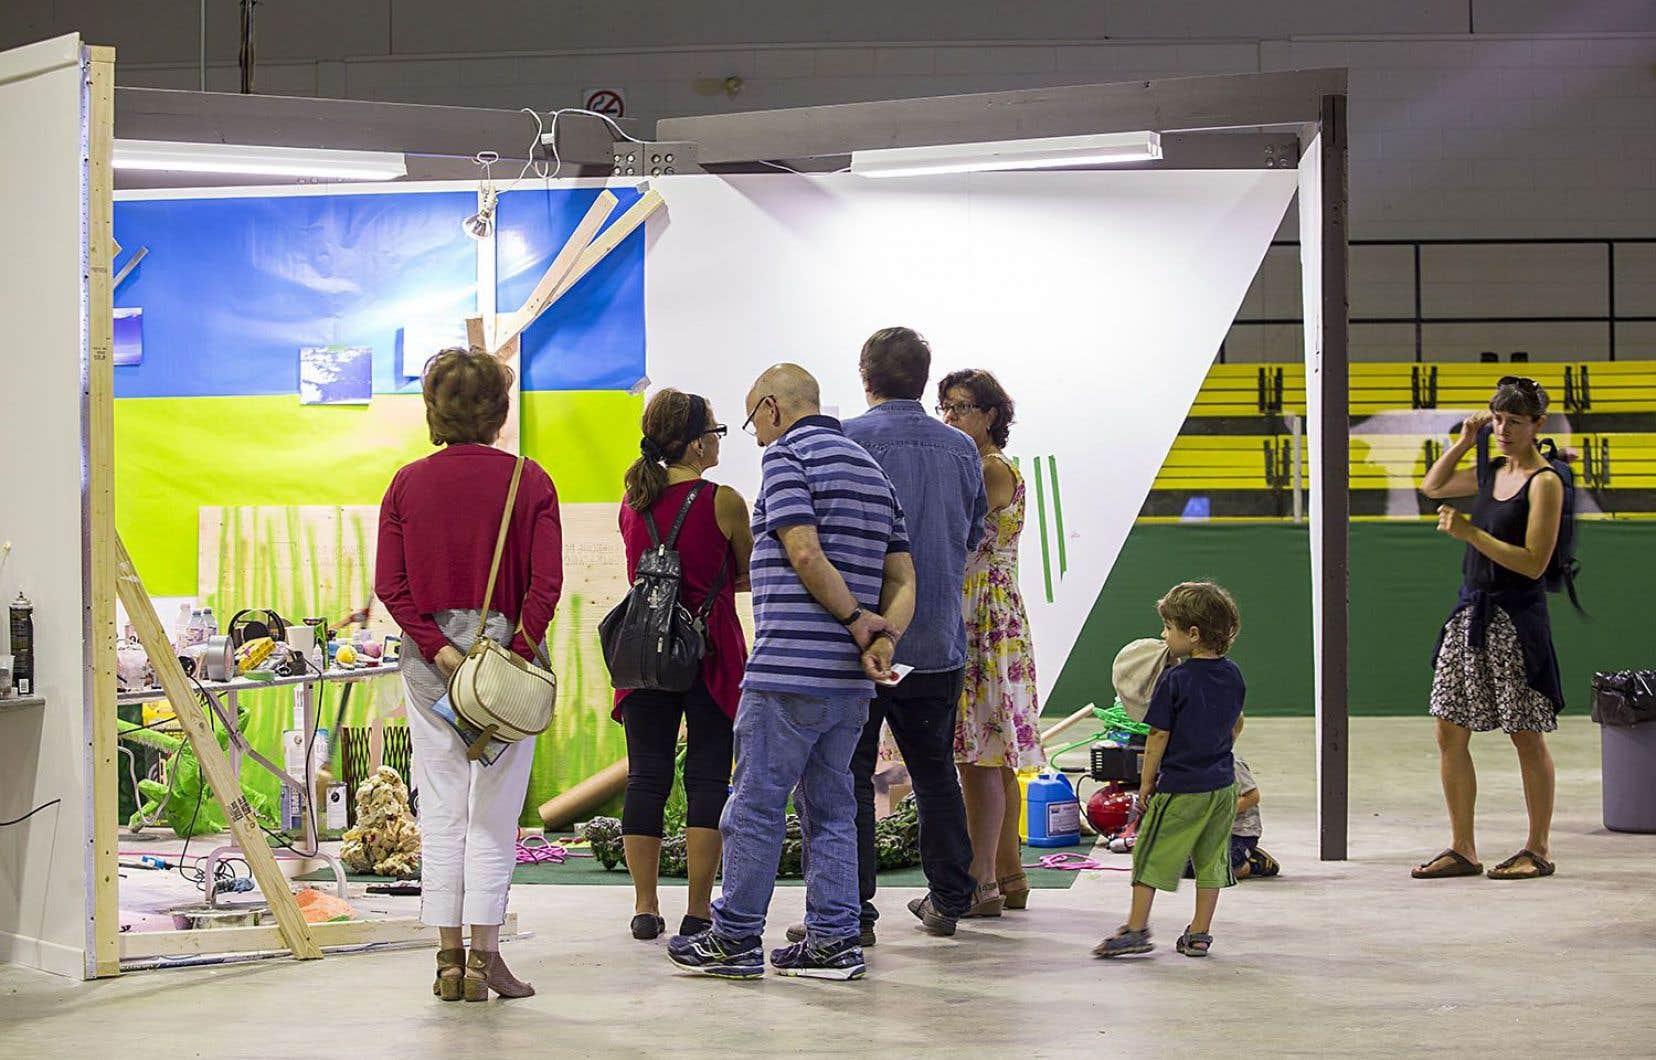 Lors du Symposium du Musée d'art contemporain de Baie-Saint-Paul, le public est invité à déambuler dans tout l'espace et à participer au processus de création.